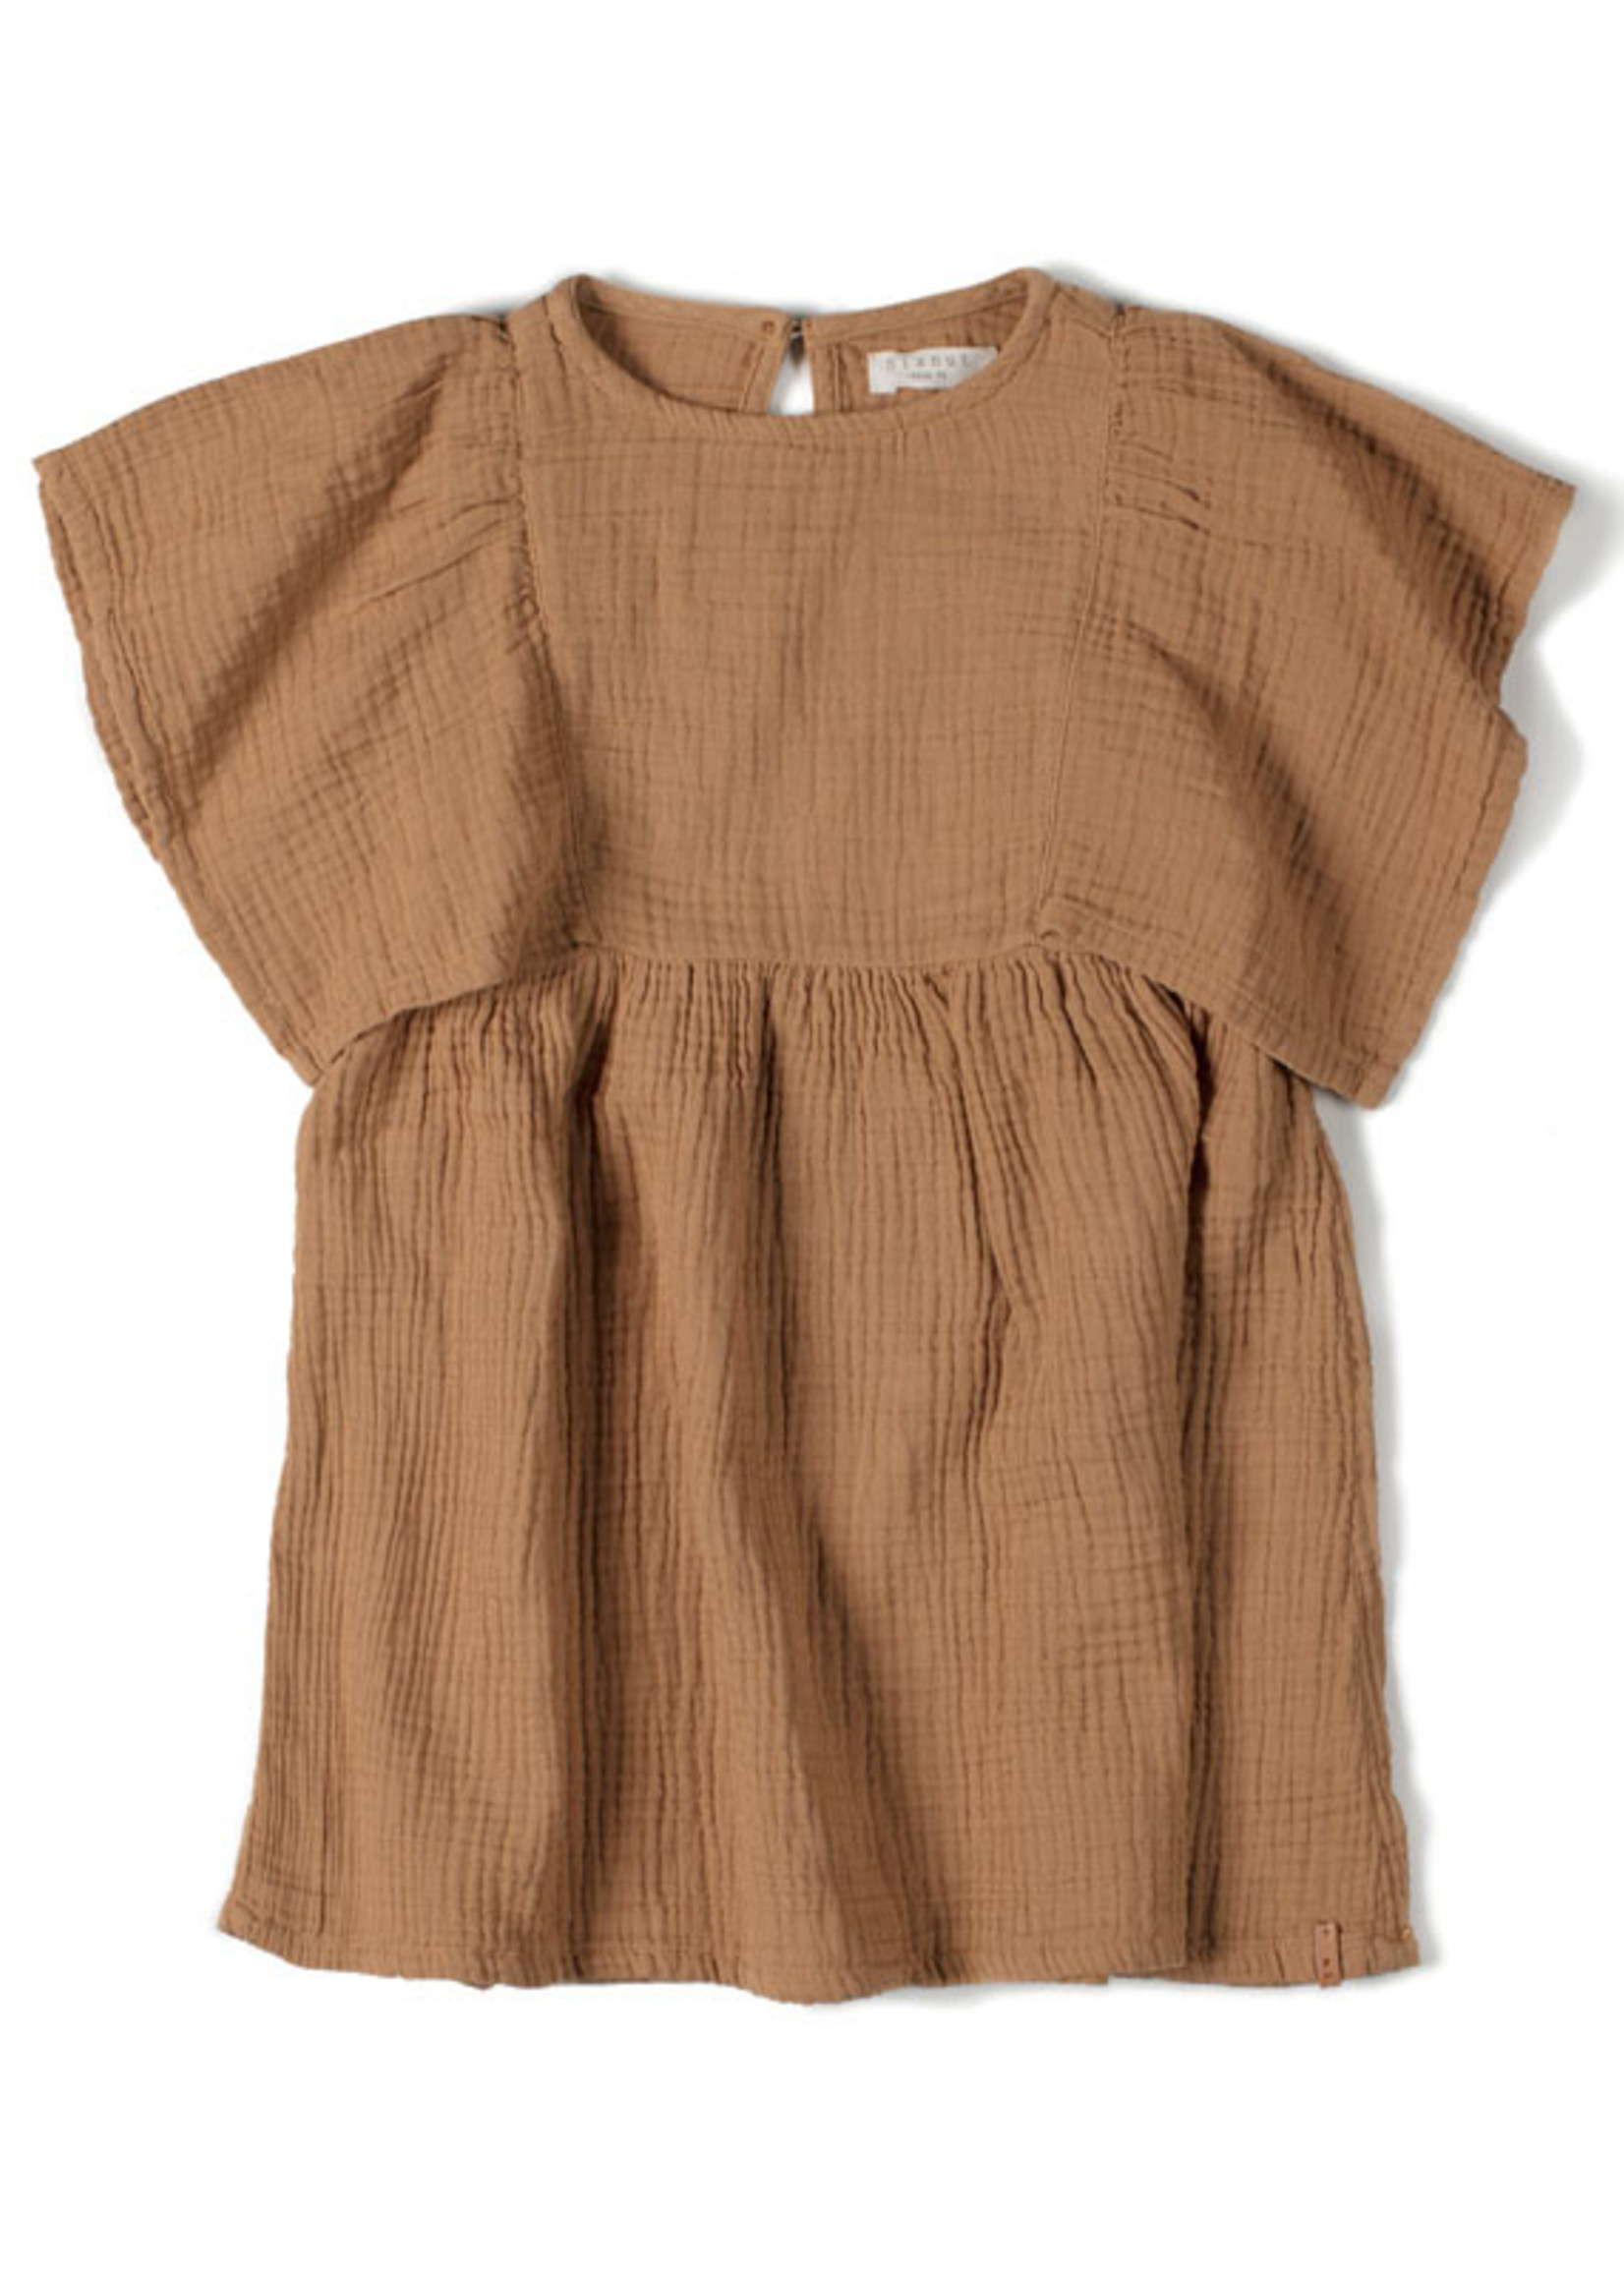 Nixnut Rio Dress - Nut